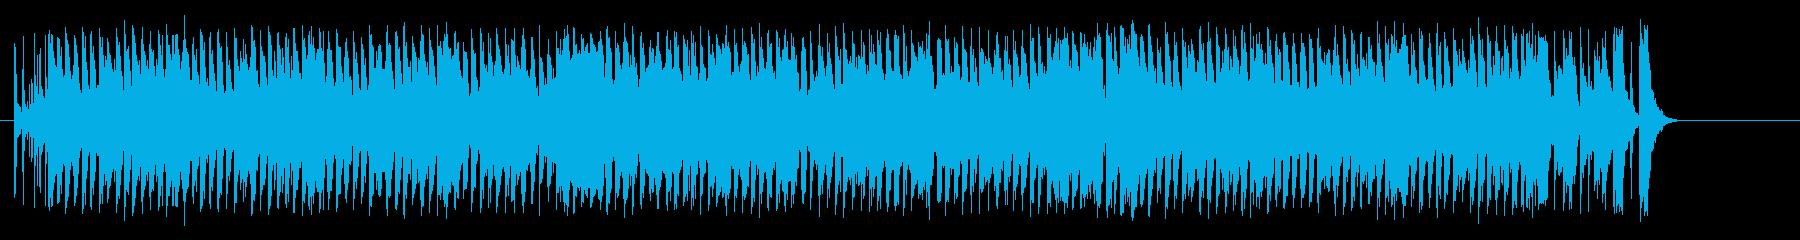 雨の日の軽快なシャッフル・ポップスの再生済みの波形